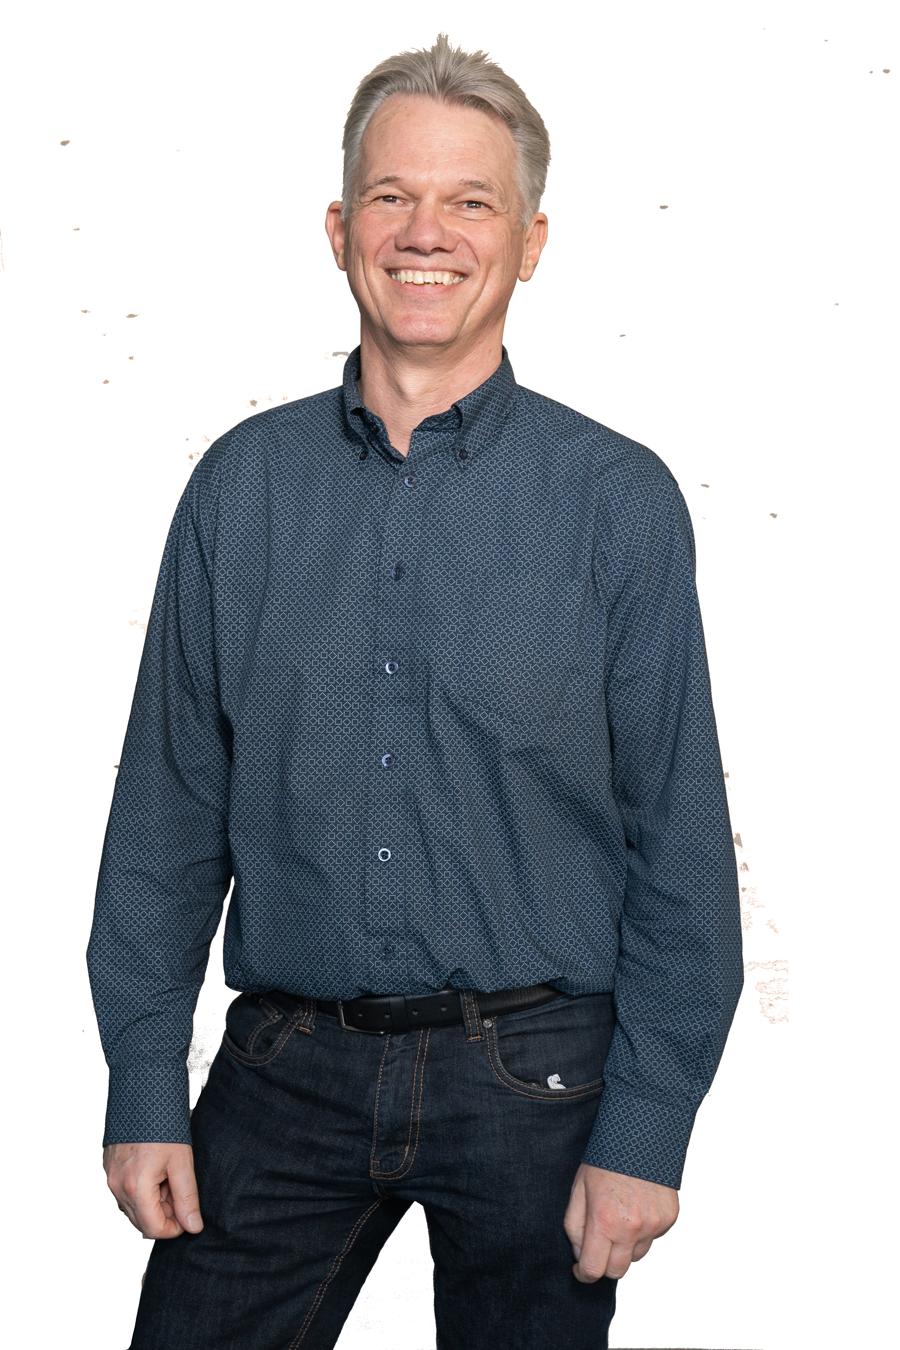 Richard van de Wijngaart coach